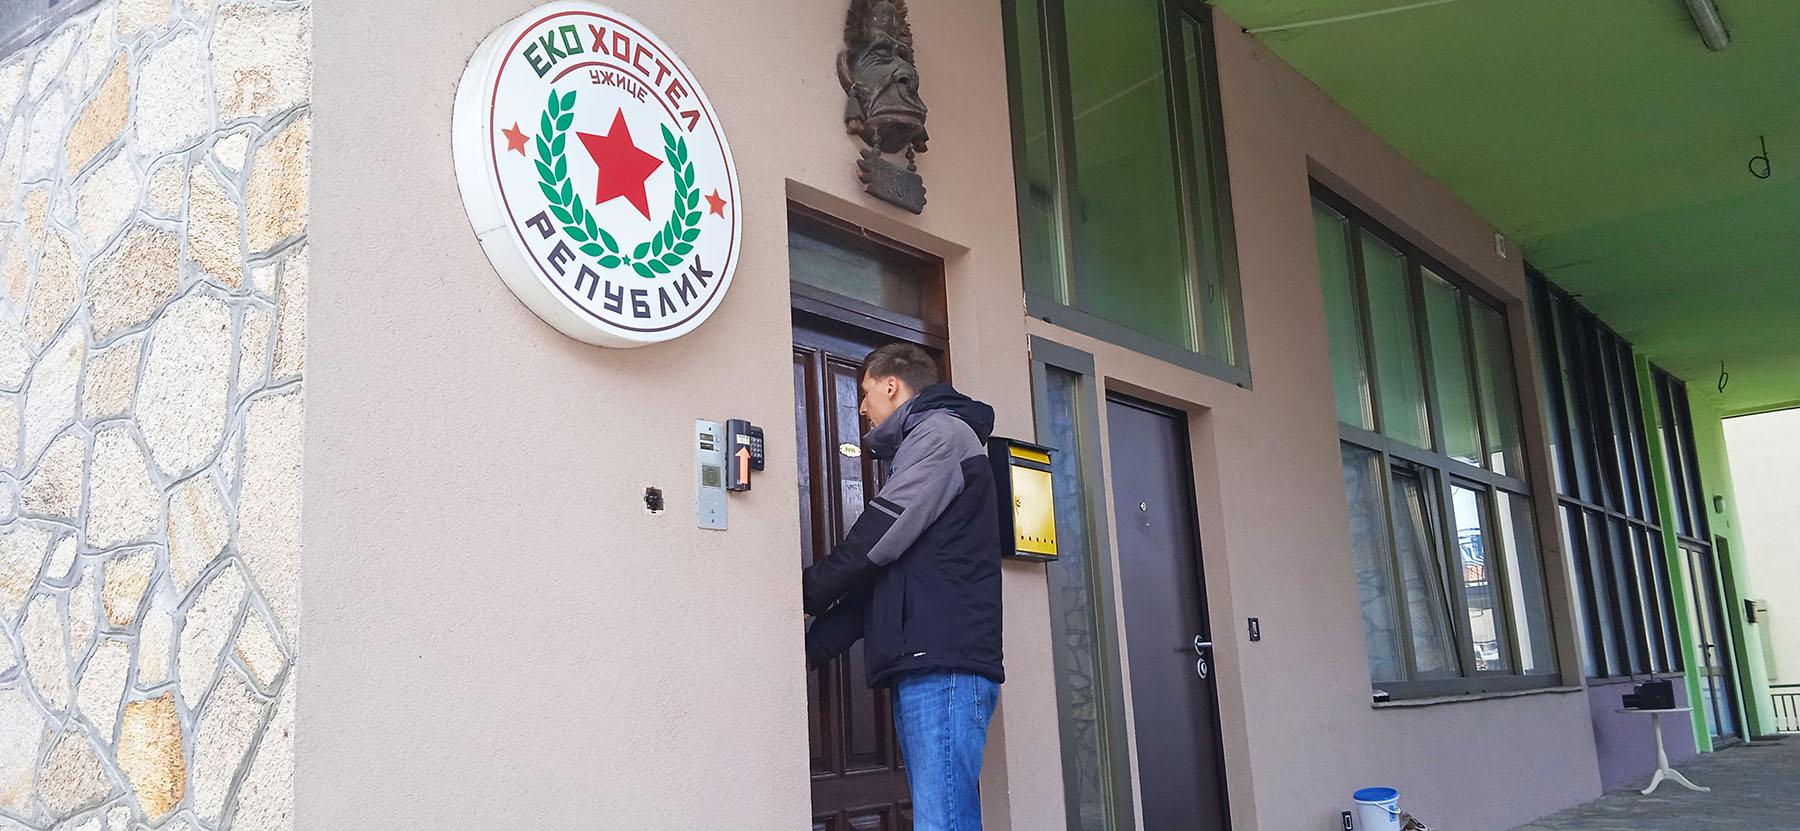 Uzice Eko hostel Republik